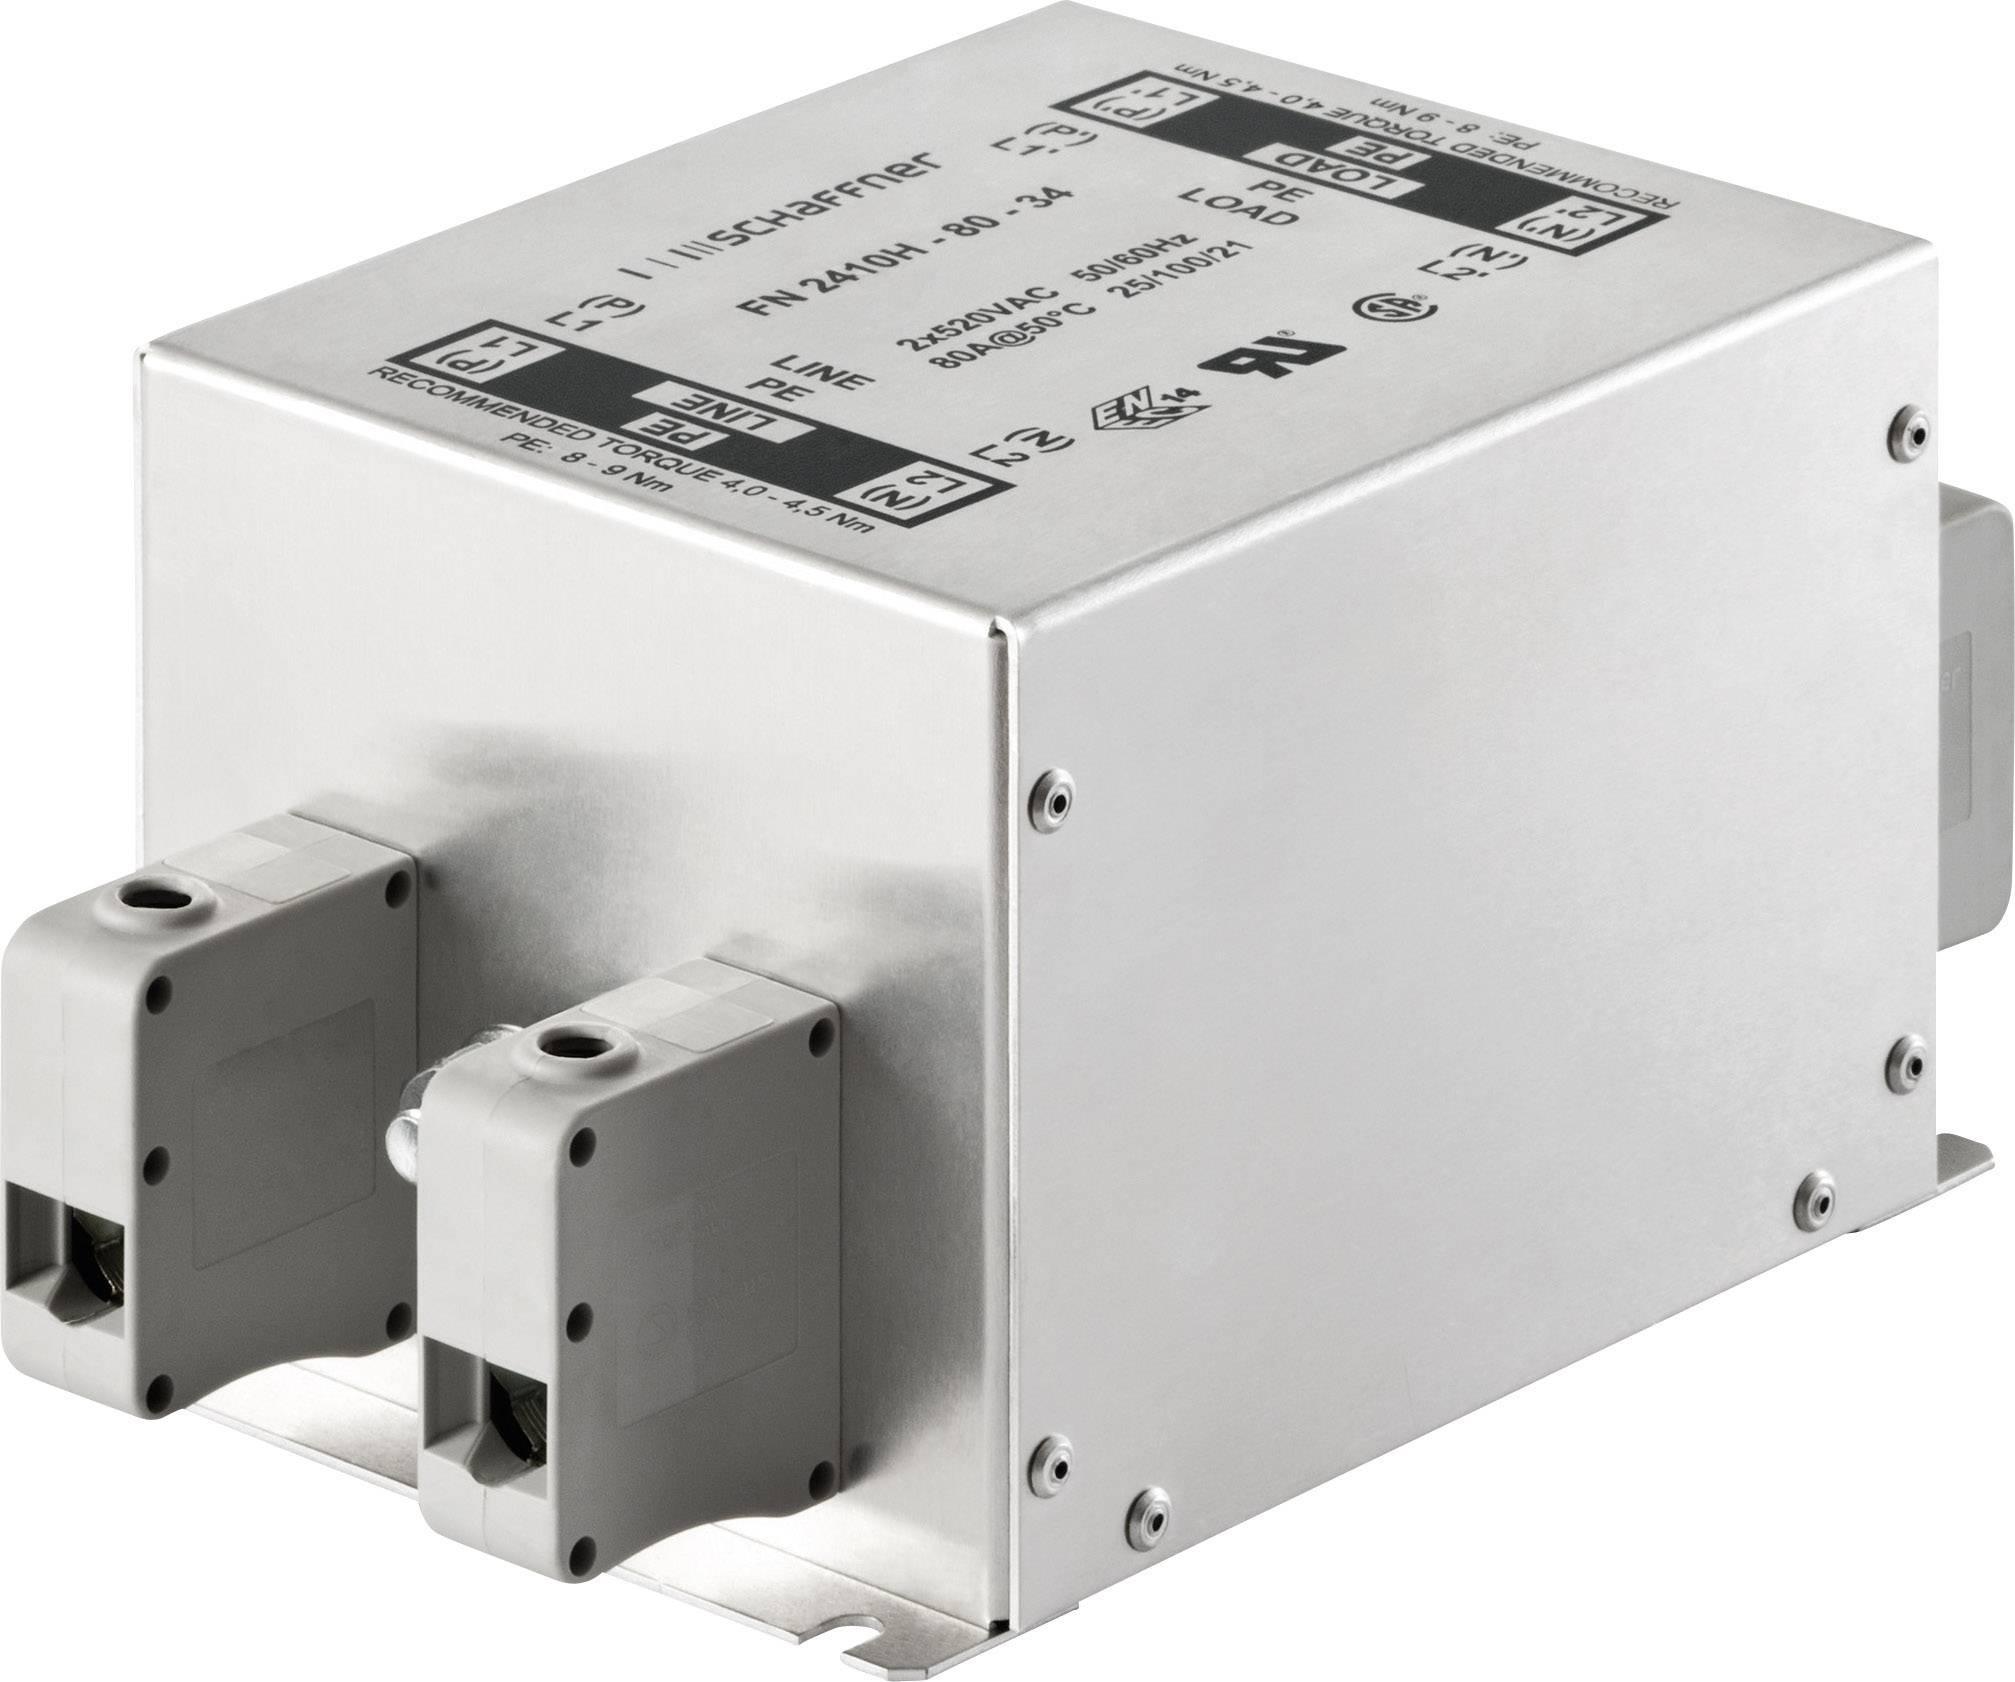 Odrušovací filter Schaffner FN2410H-32-33 FN2410H-32-33, 300 V/AC, 520 V/AC, 32 A, (d x š x v) 130 x 93 x 76 mm, 1 ks